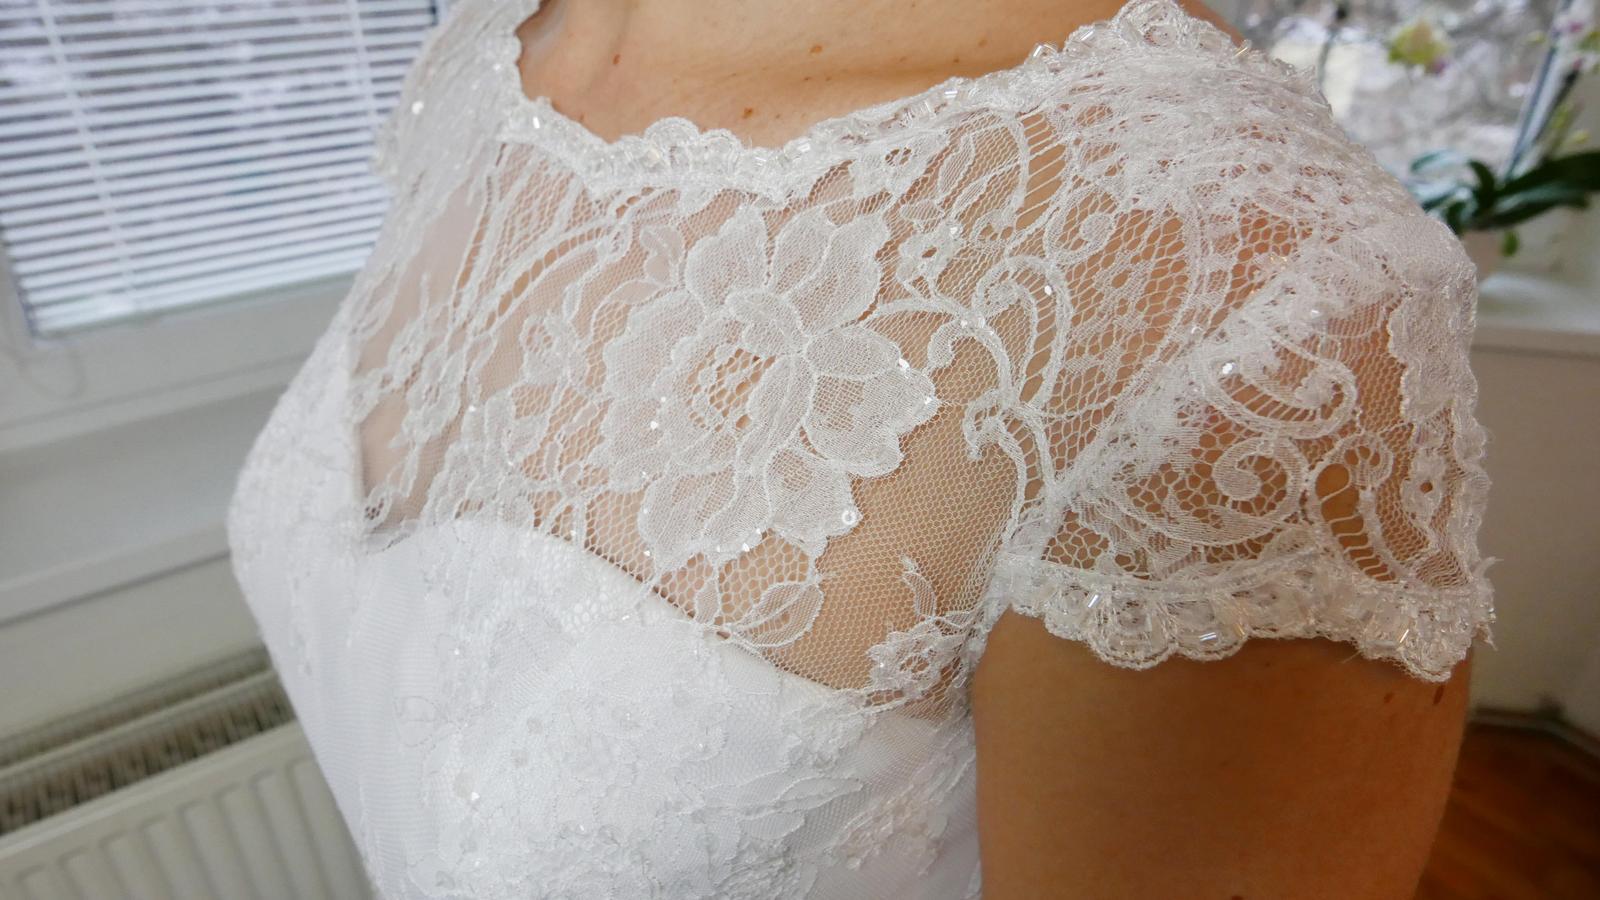 Další krásné svatební šaty na prodej, tak neváhejte a přijďte si vybrat ty své  :-) - Obrázek č. 7